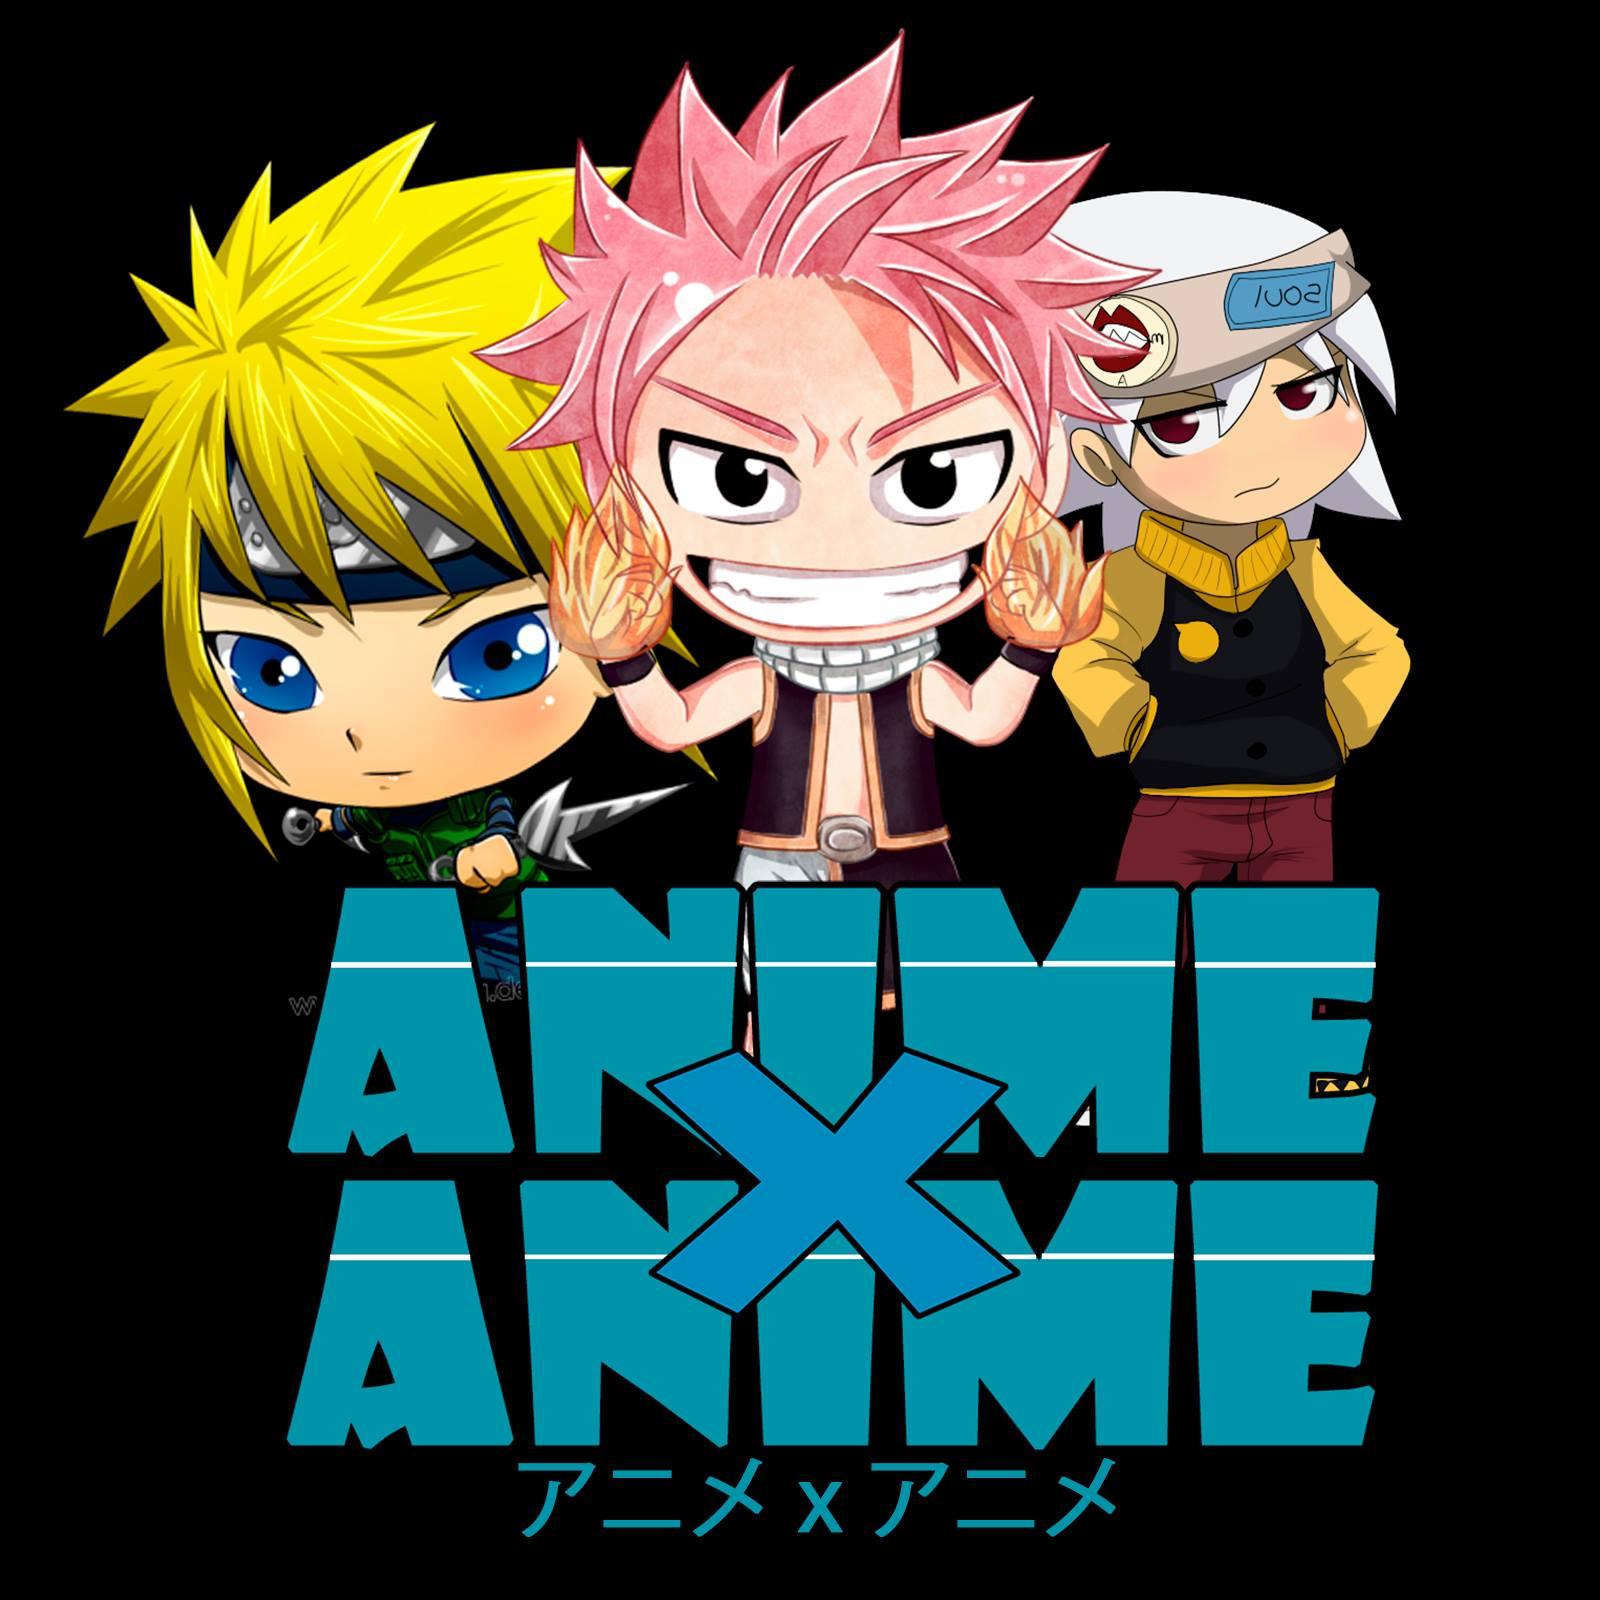 Anime X Anime